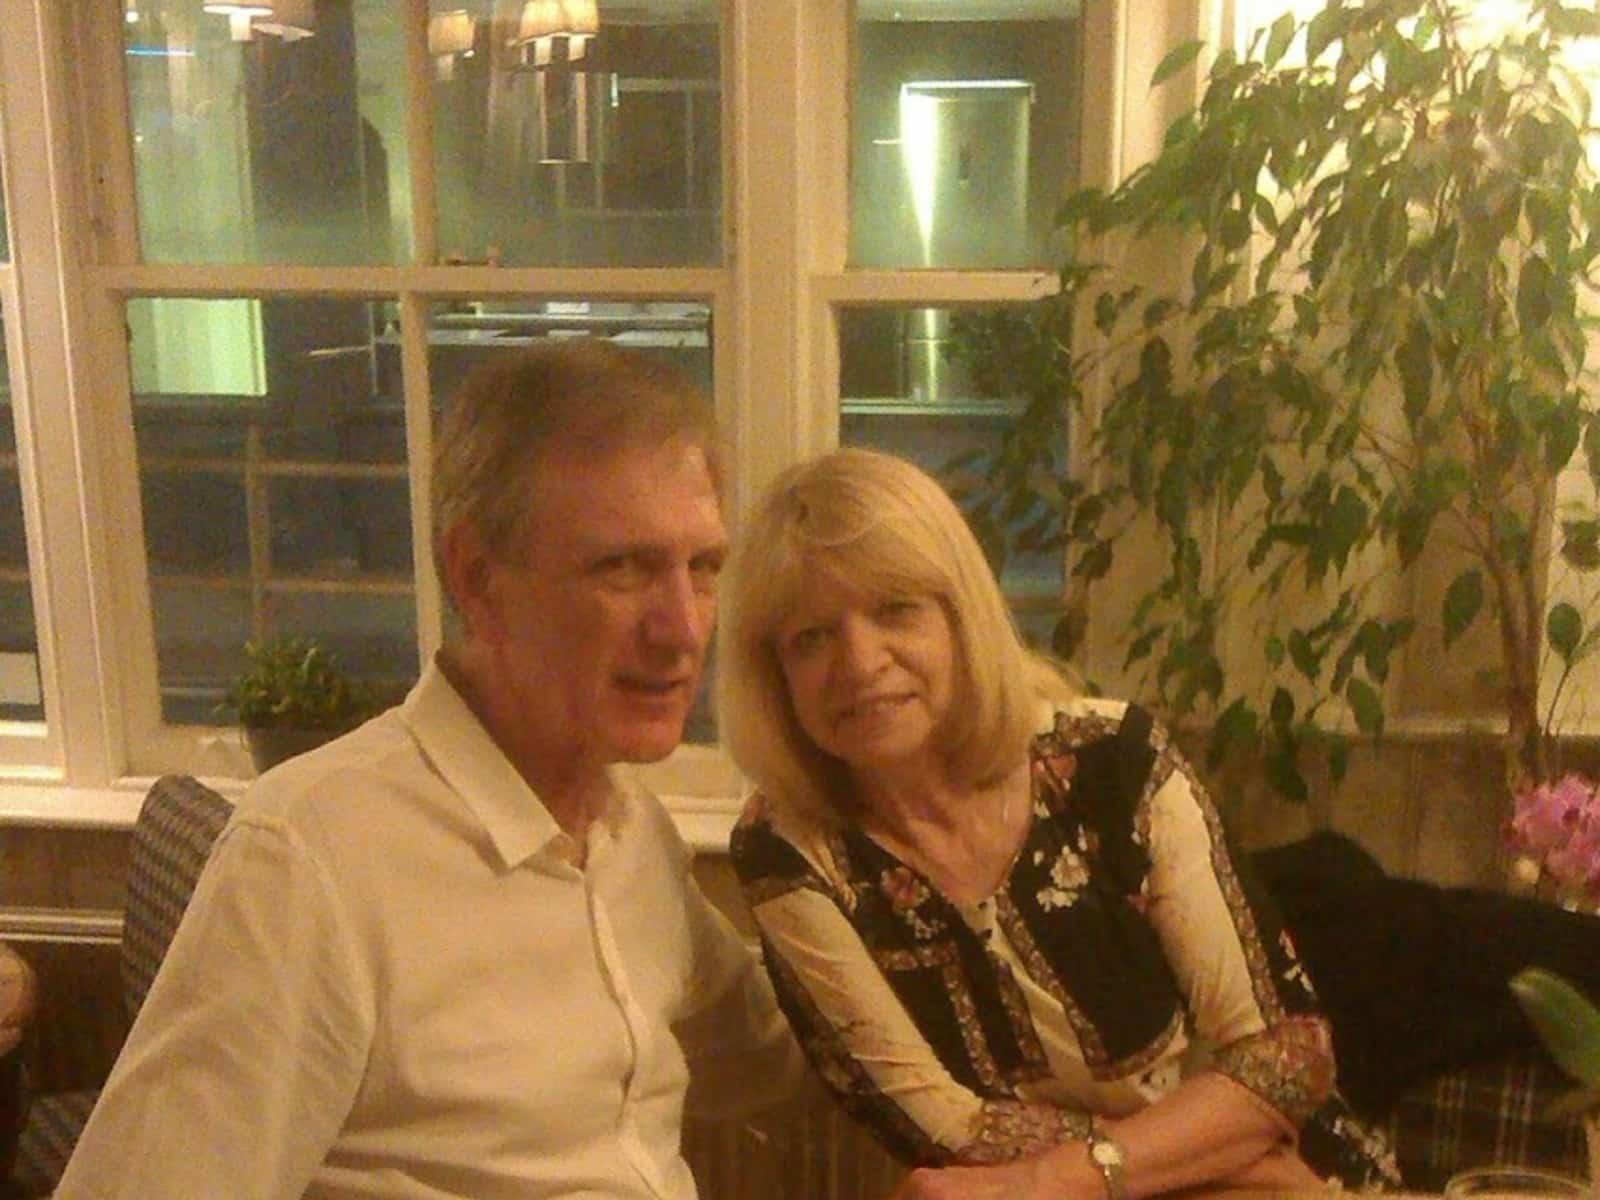 Leonard & Marian from Leatherhead, United Kingdom